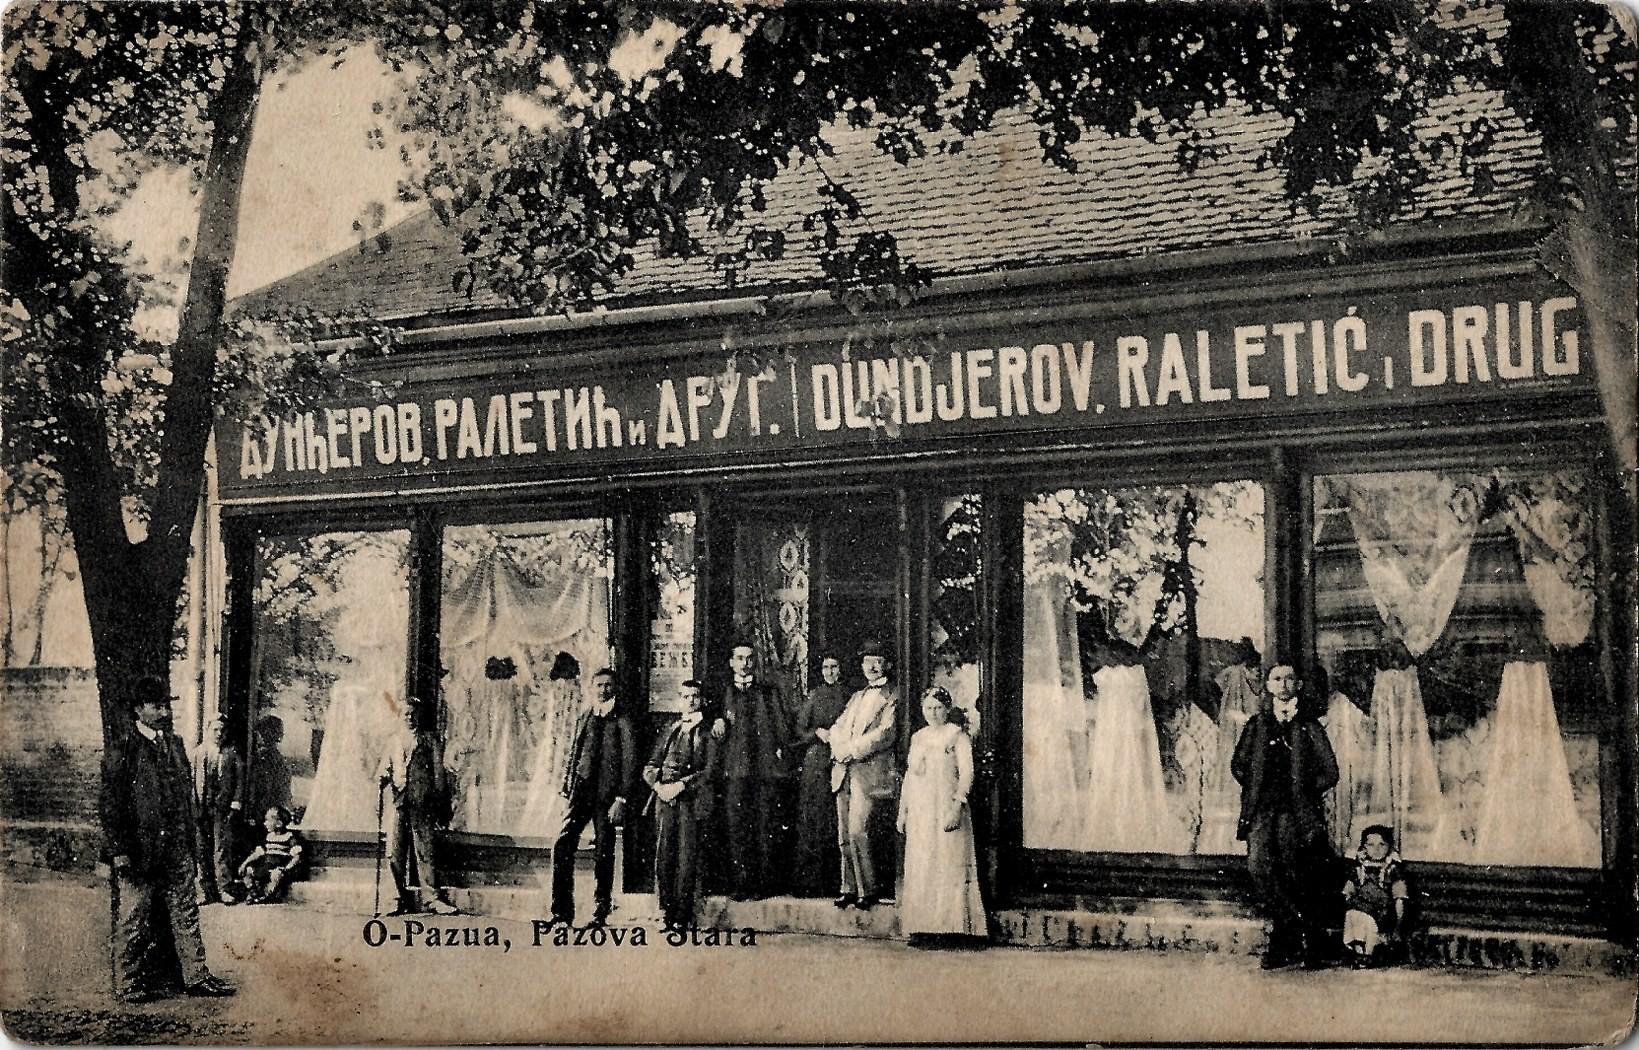 Dunđerov, Raletić i Drug., prva polovina 20. veka, Stara Pazova